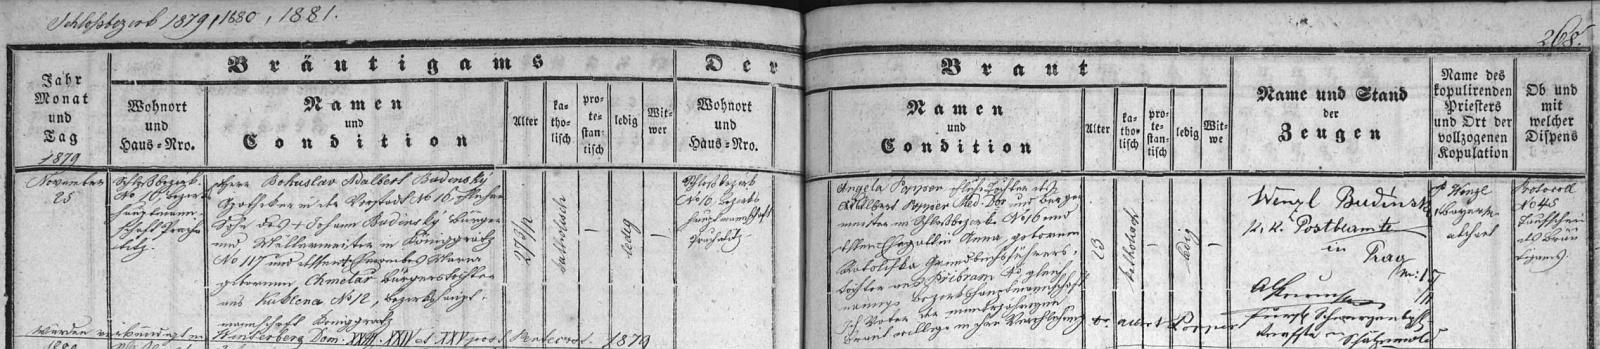 Tady nacházíme při záznamu vimperské oddací matriky o svatbě Bohuslava Adalberta Budinského s Popperovou dcerou Angelikou i otcův podpis